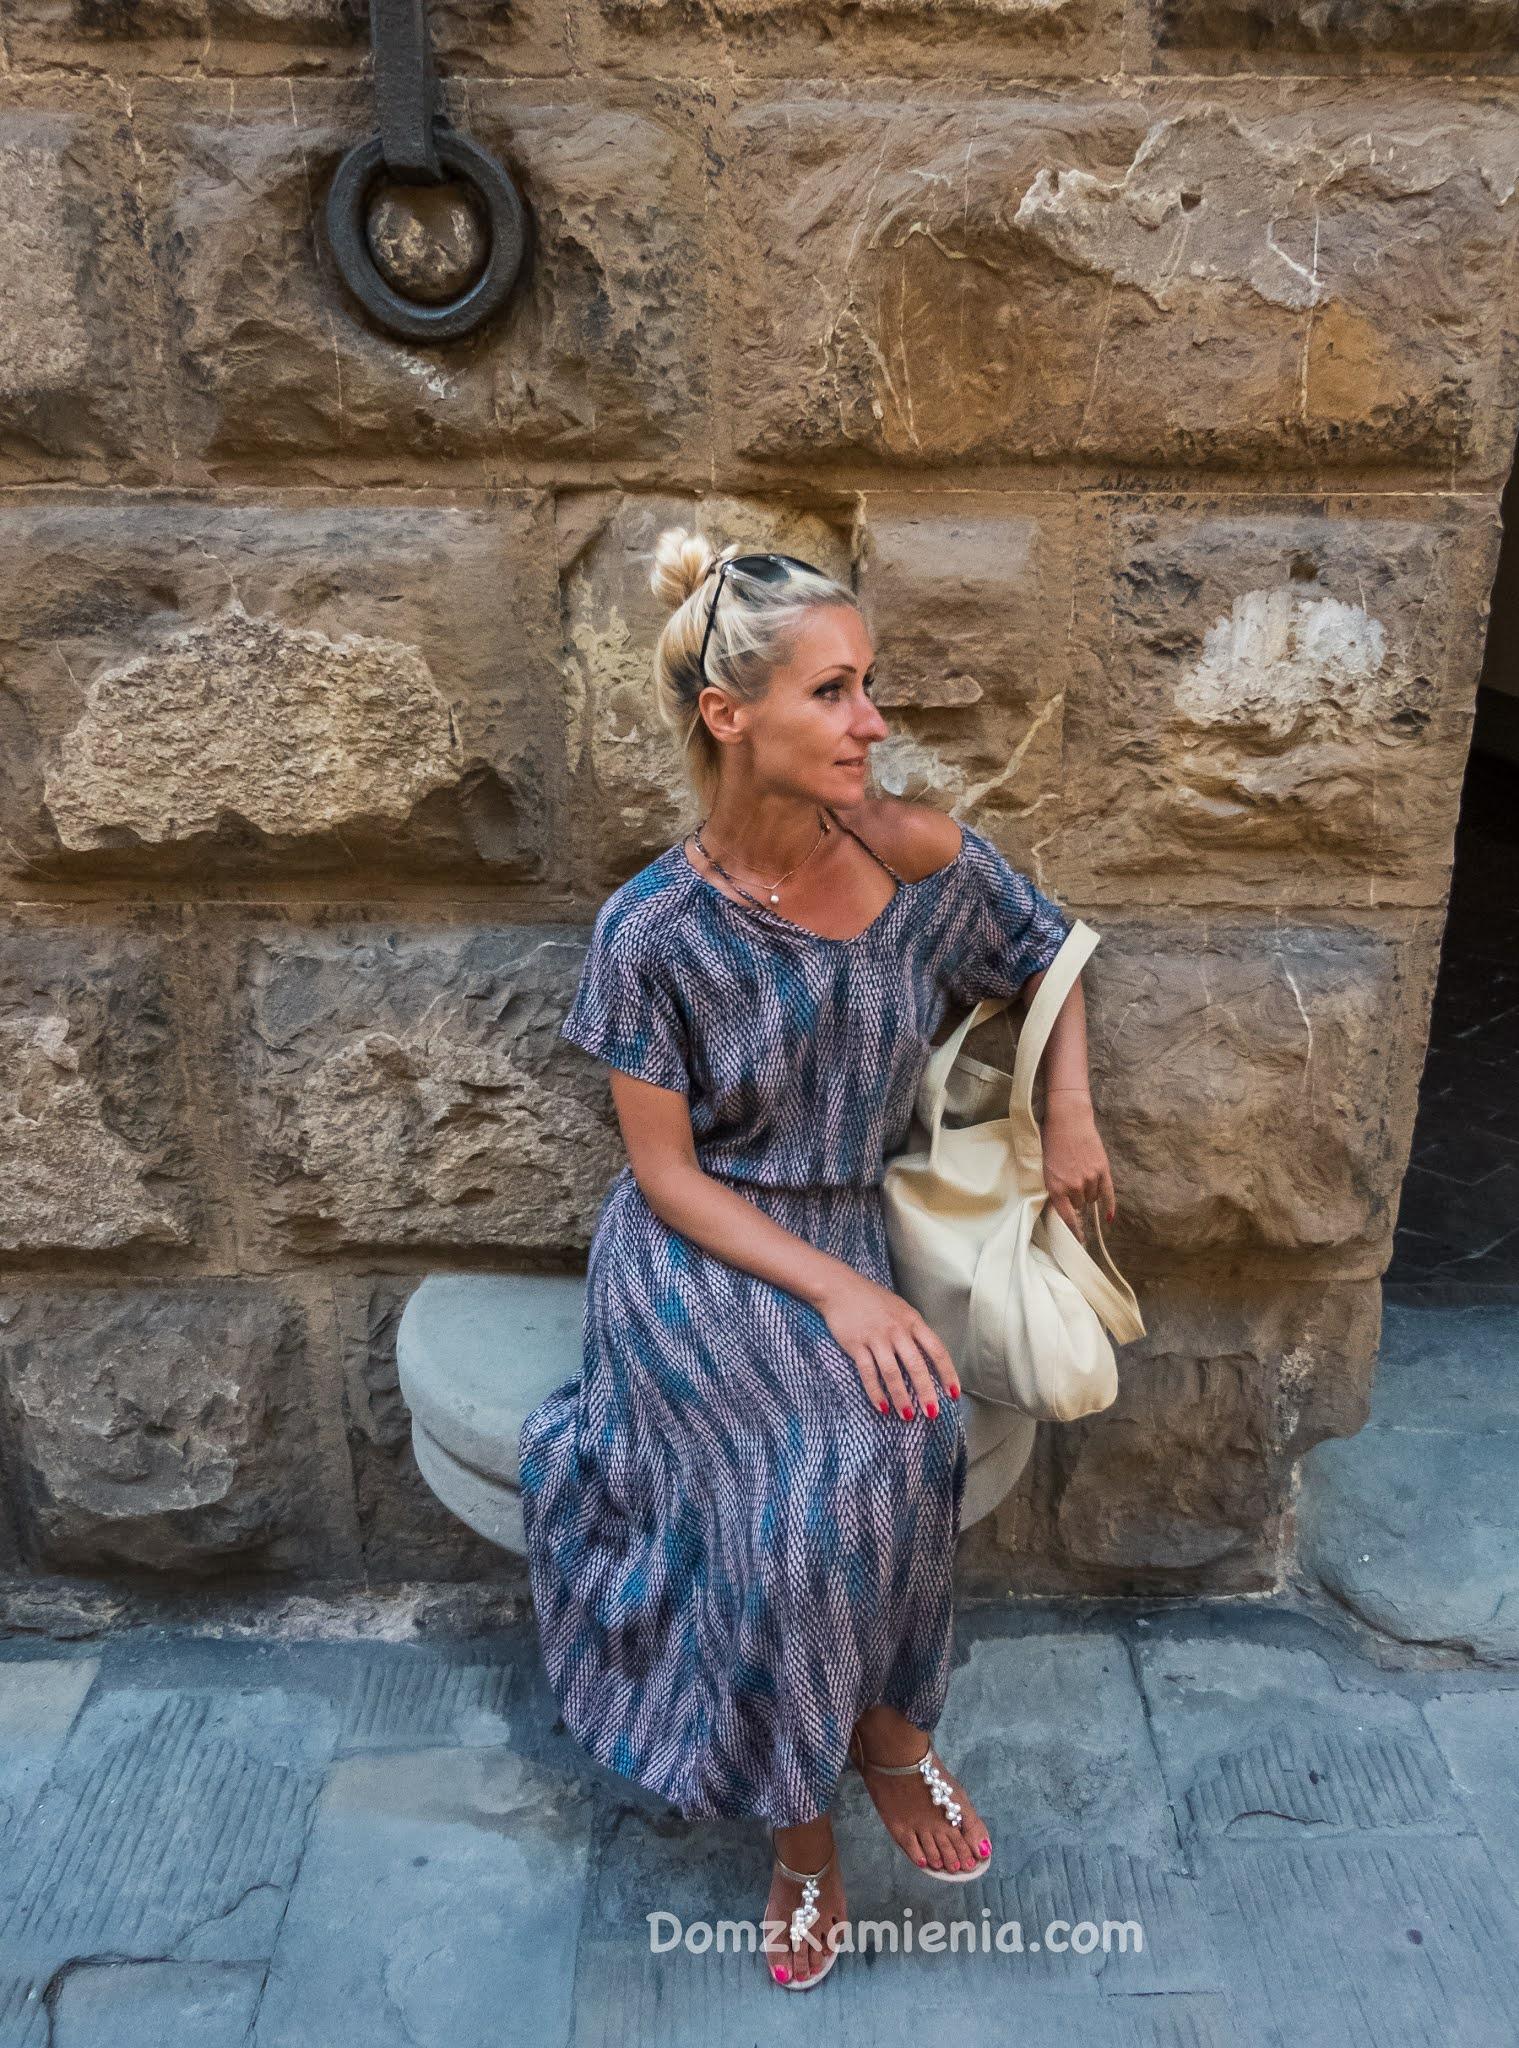 Dom z Kamienia - Sekrety Florencji - Kasia Nowacka